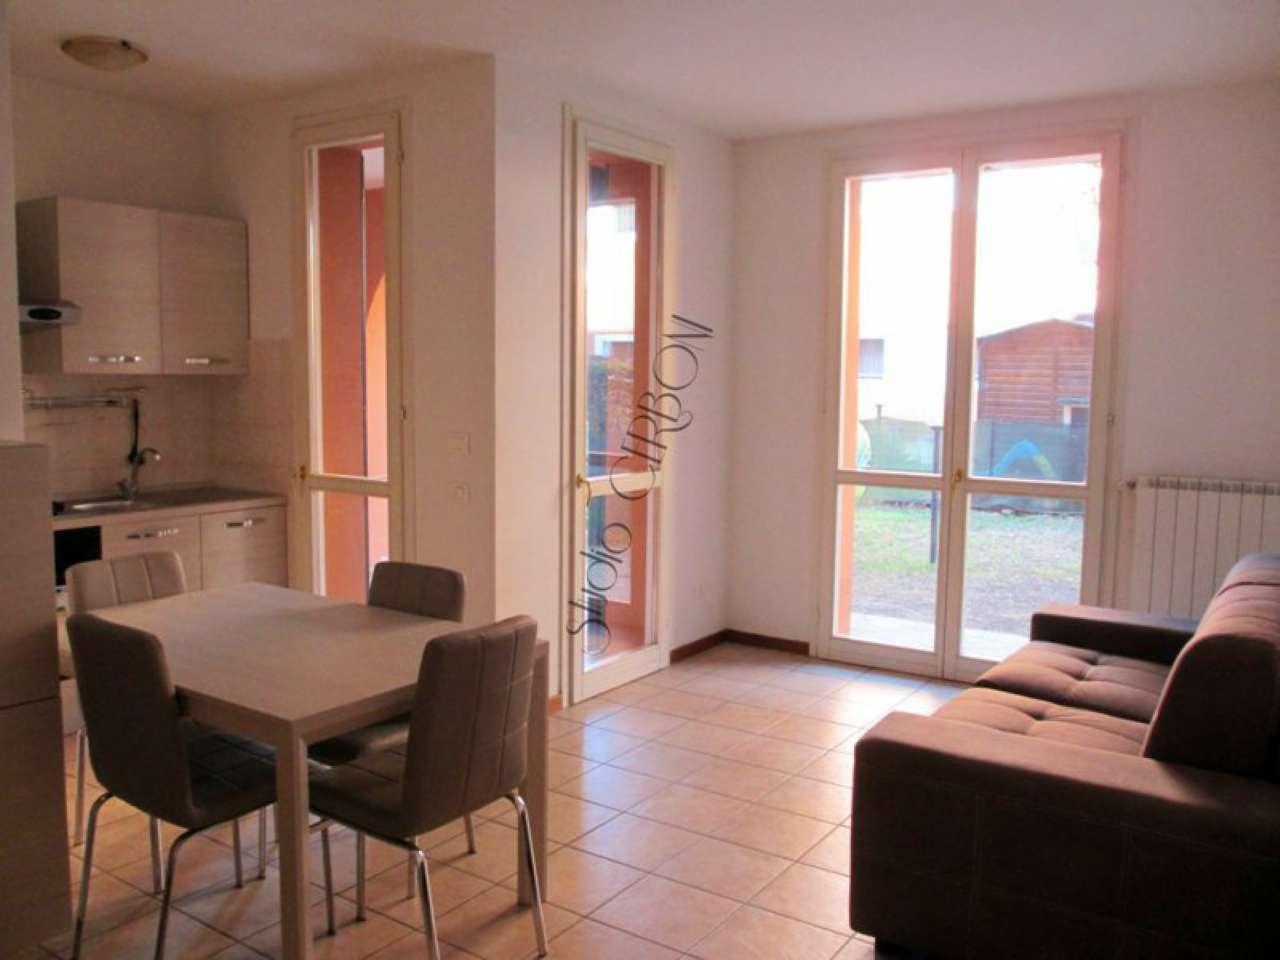 Appartamento in vendita a Inzago, 1 locali, prezzo € 95.000 | Cambio Casa.it